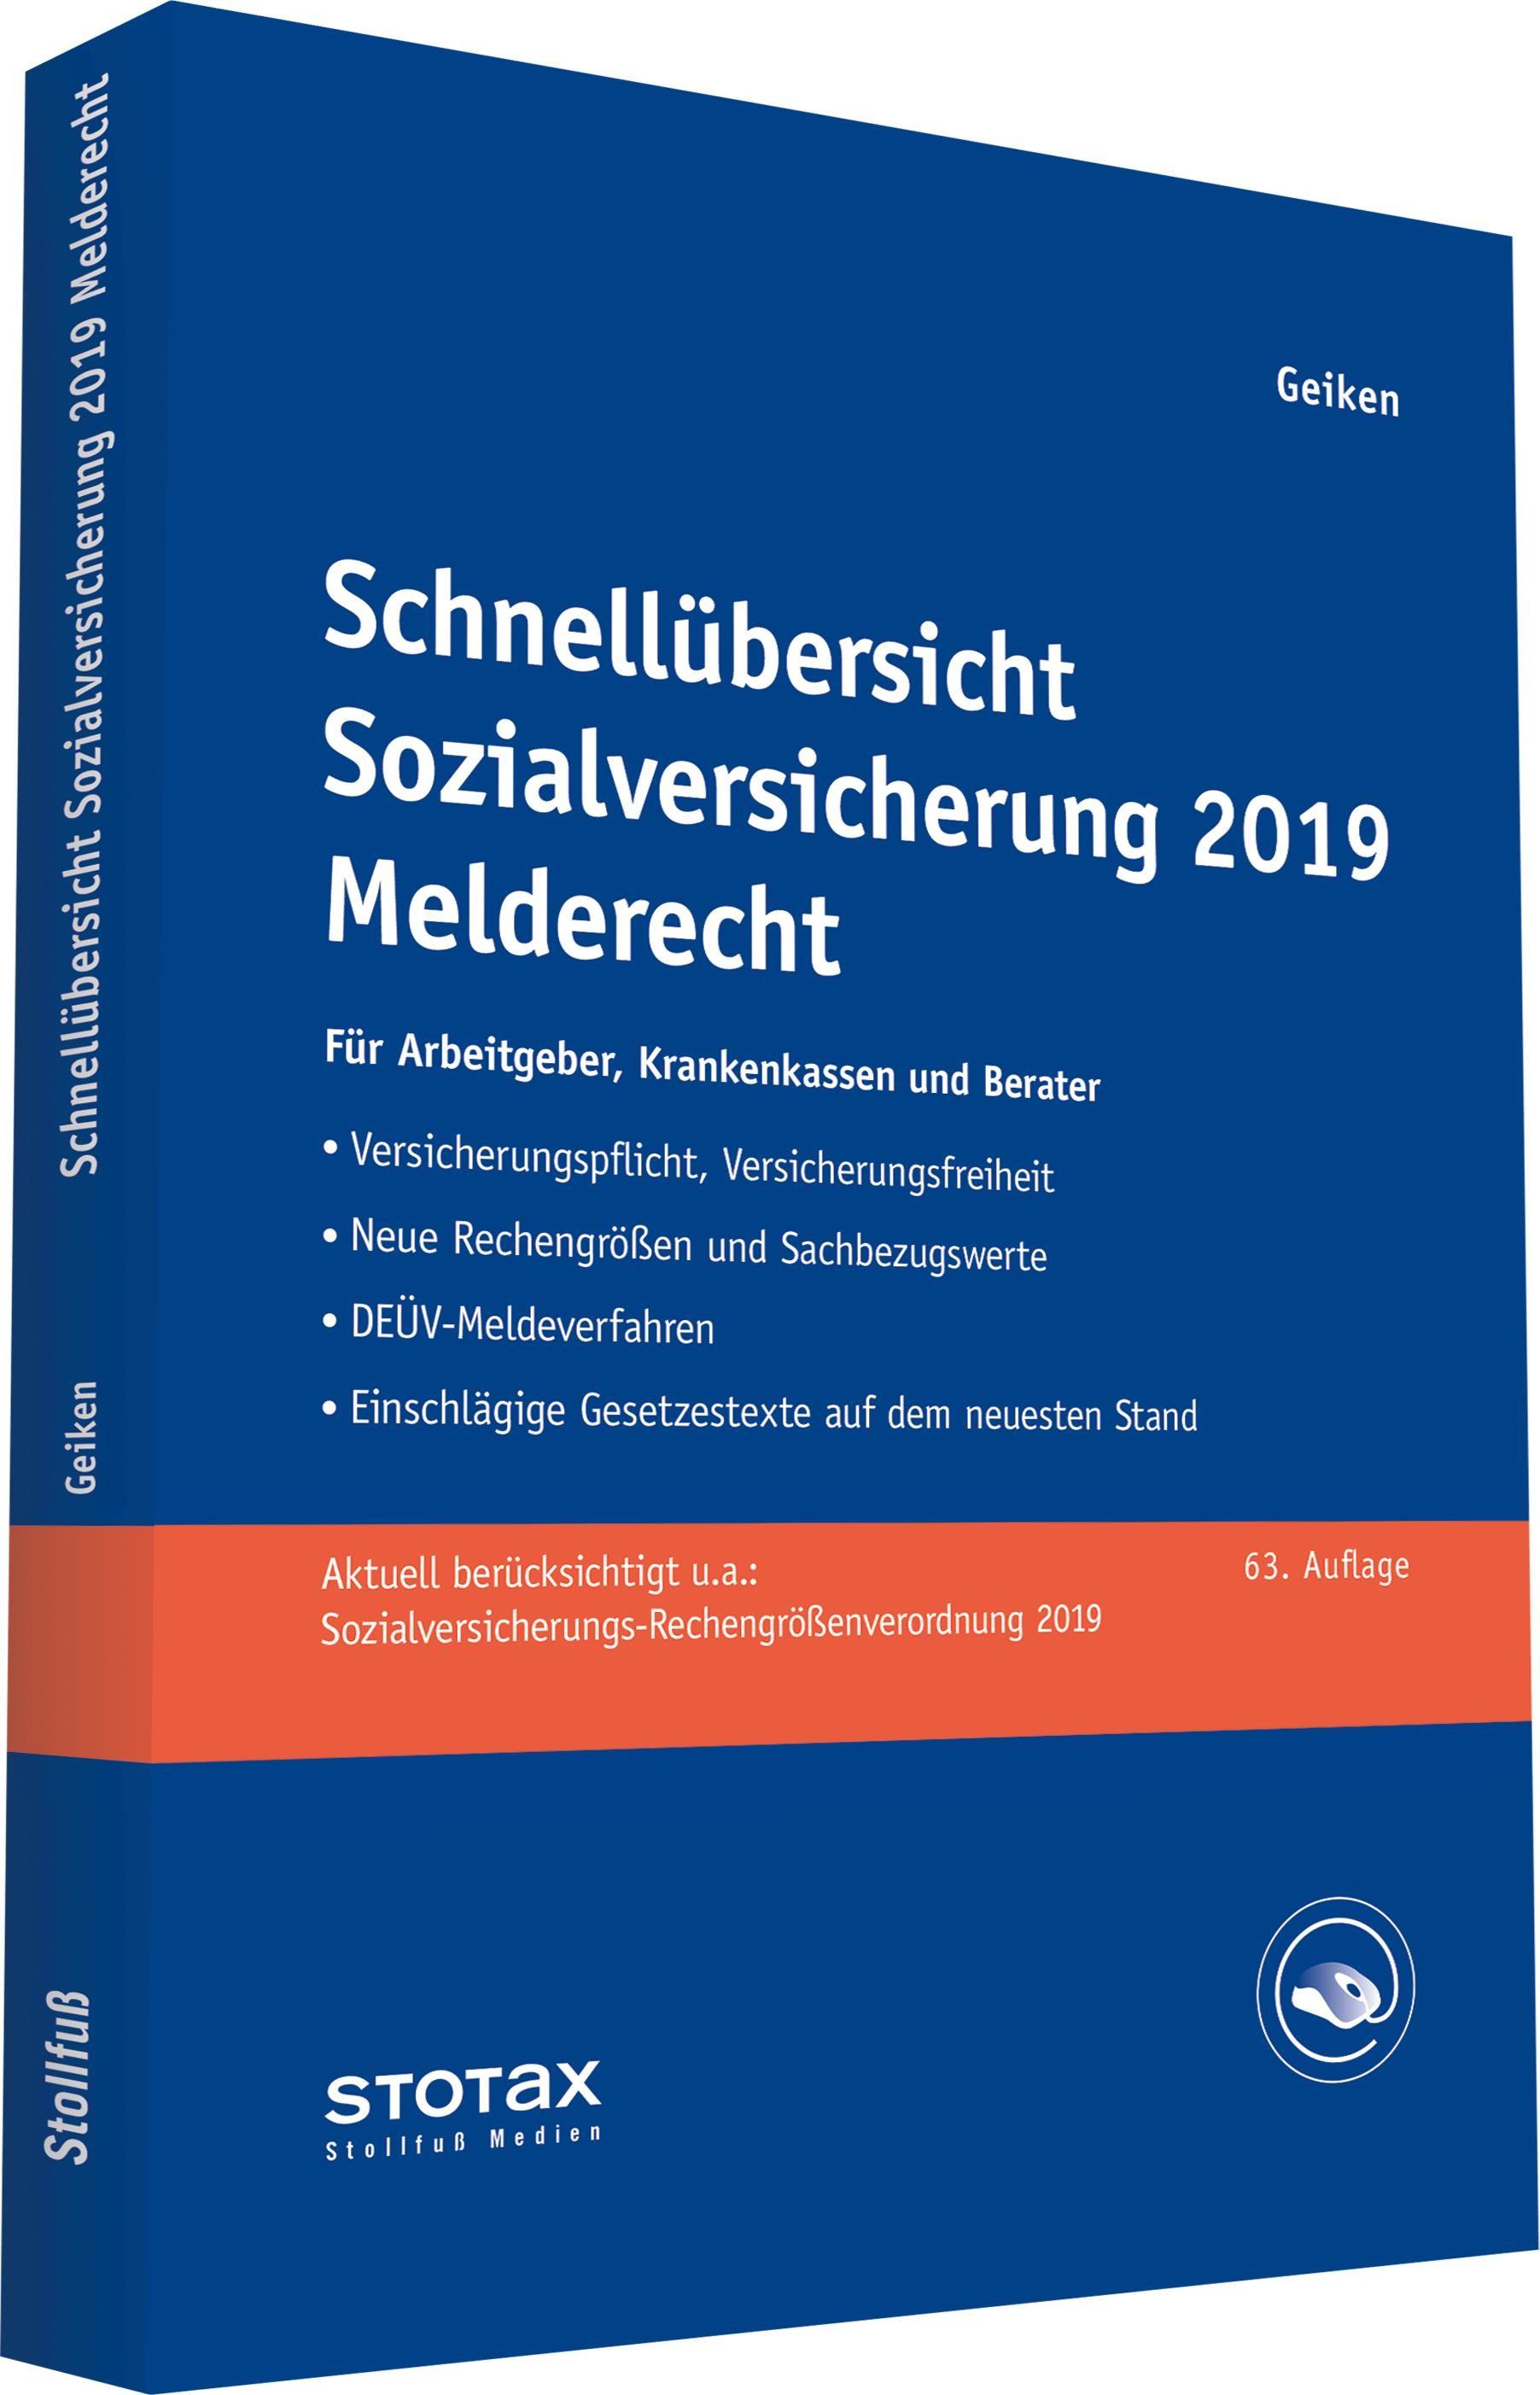 Schnellübersicht Sozialversicherung 2019 Melderecht | Geiken | 63. Auflage, 2019 | Buch (Cover)